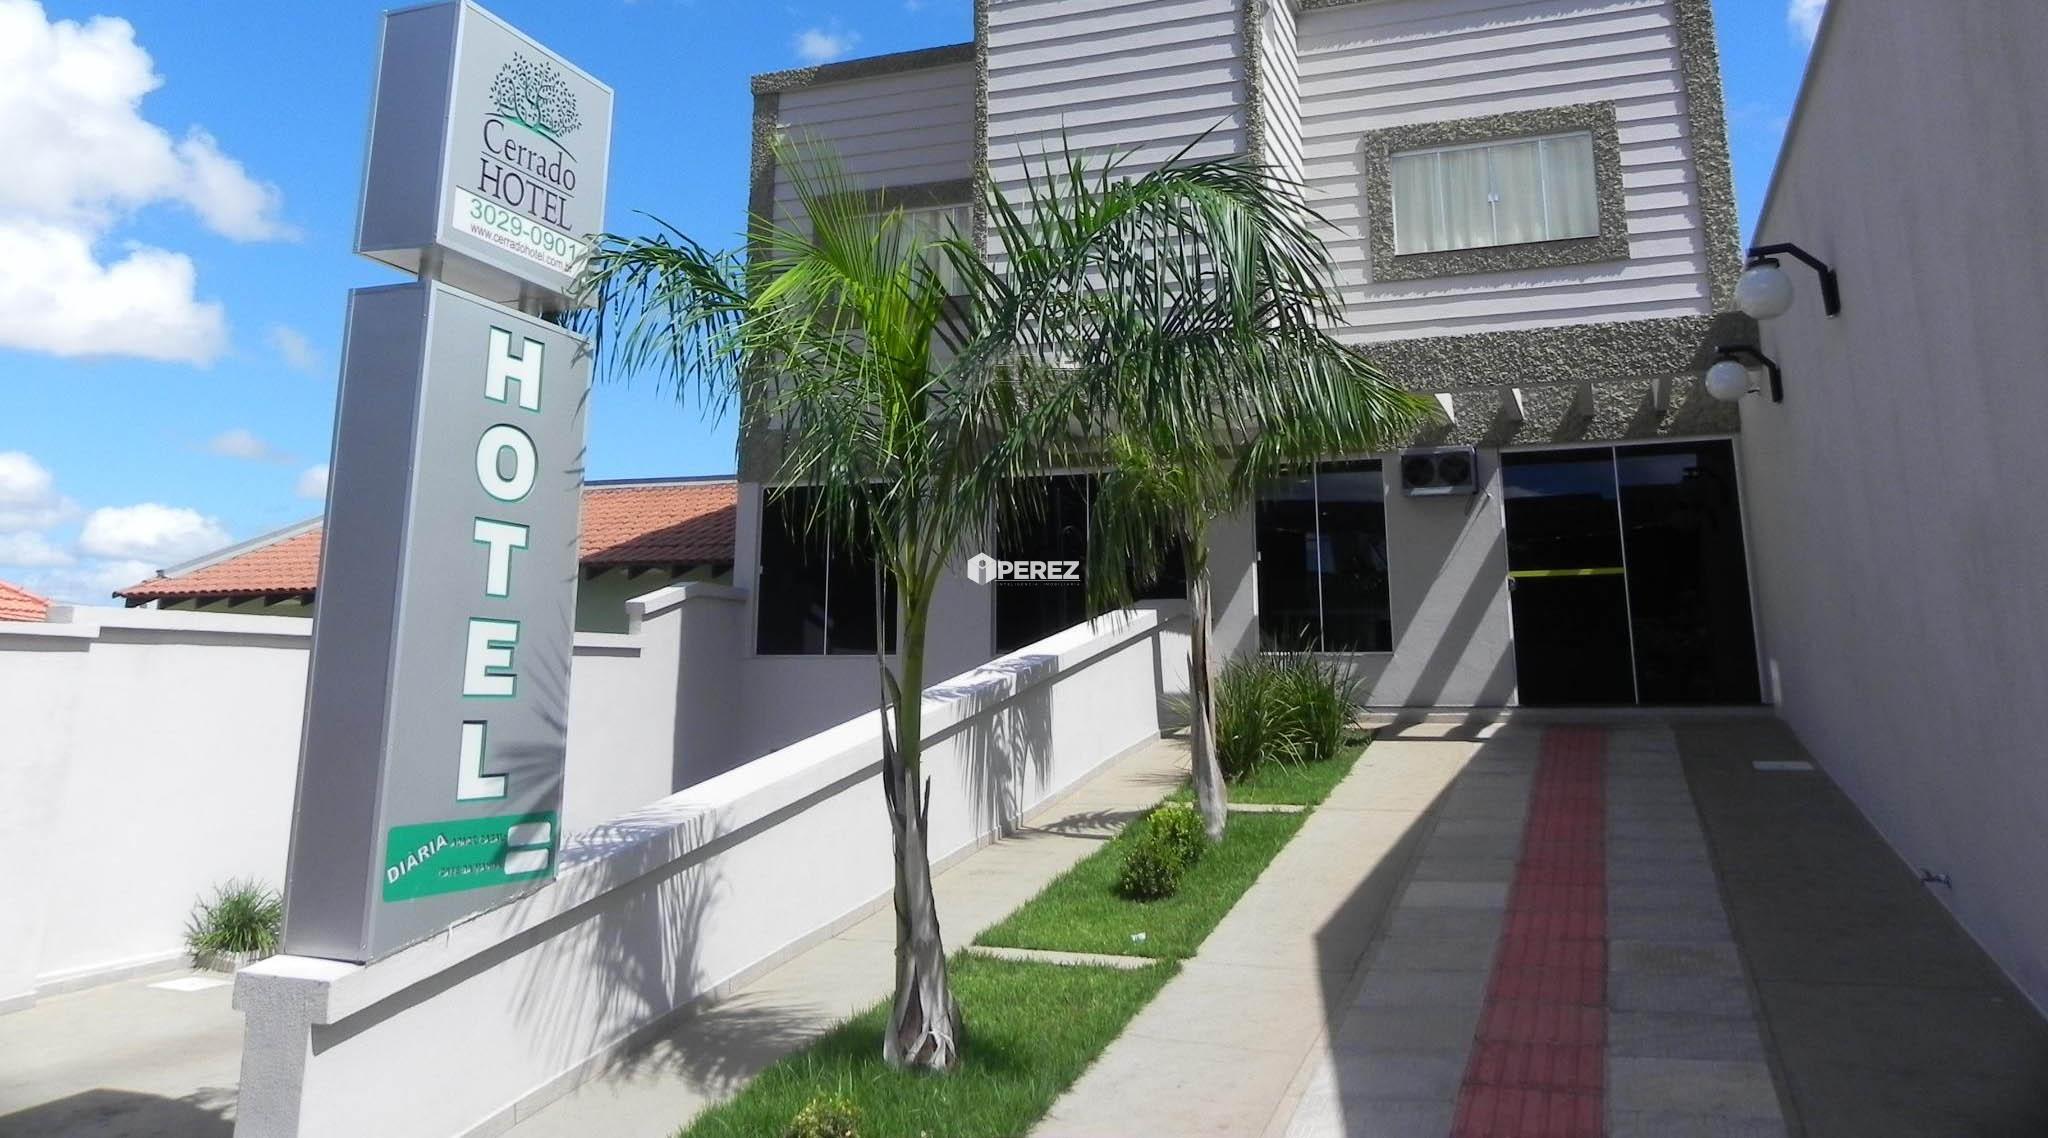 venda-campo-grande-ms-hotel-pepe-simioli-centro-perez-imoveis